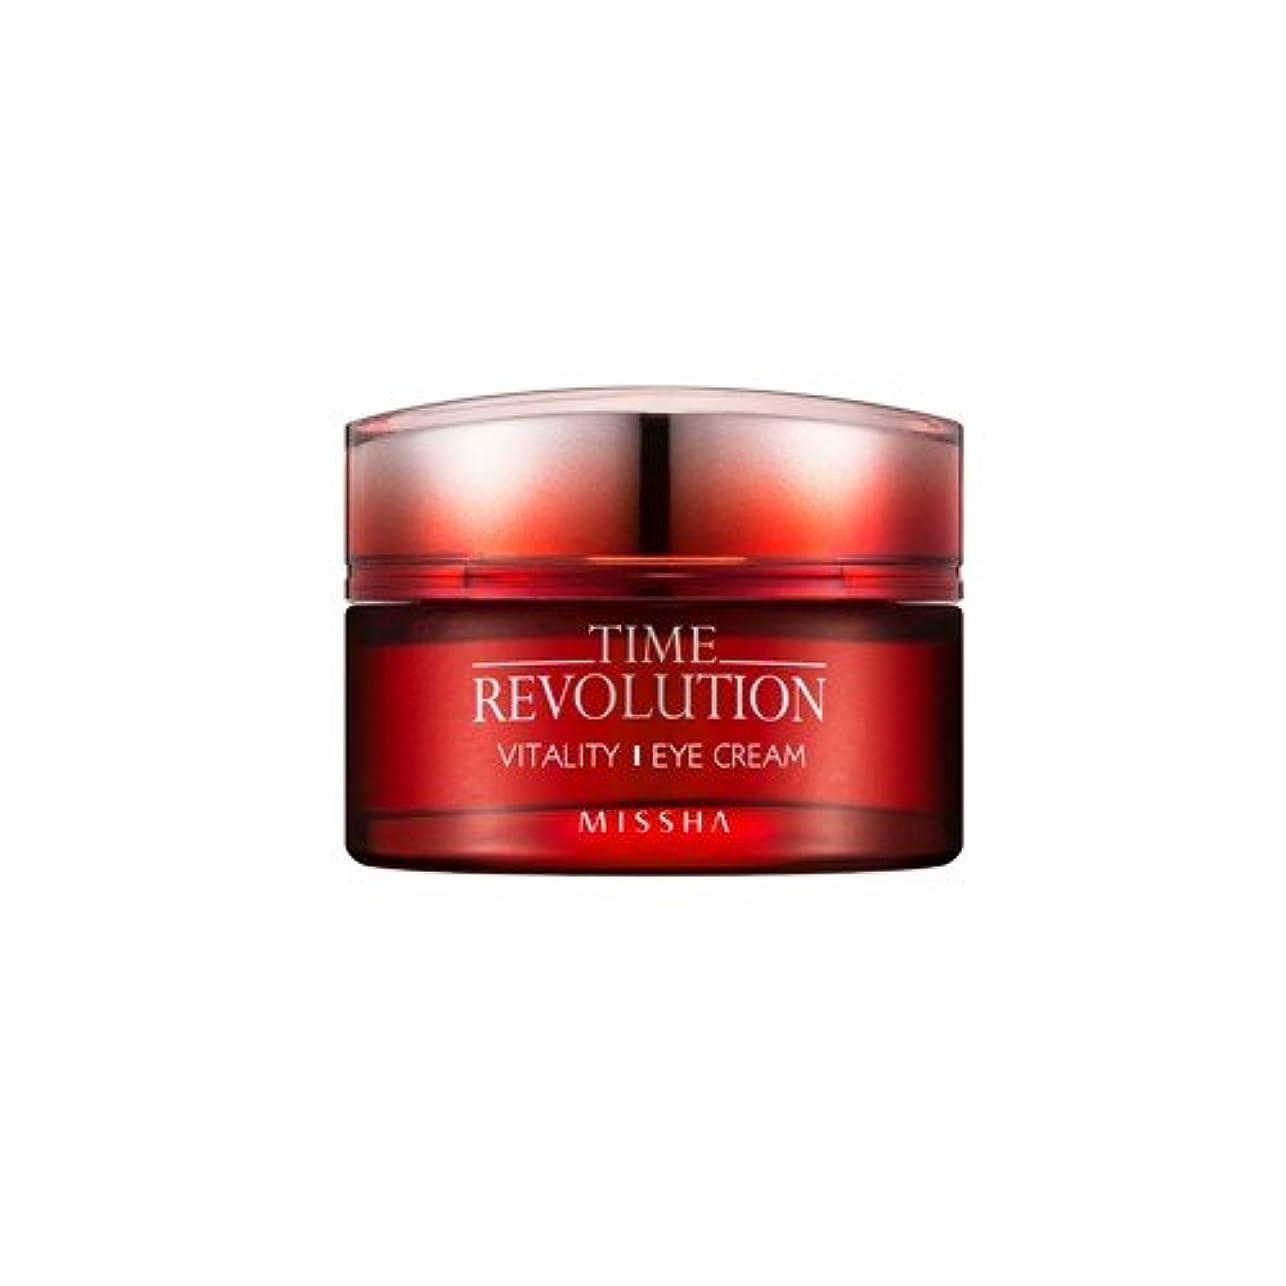 わずかにまあレベルMISSHA time revolution vitality eye cream (ミシャ タイムレボリューション バイタリティー アイクリーム)25ml